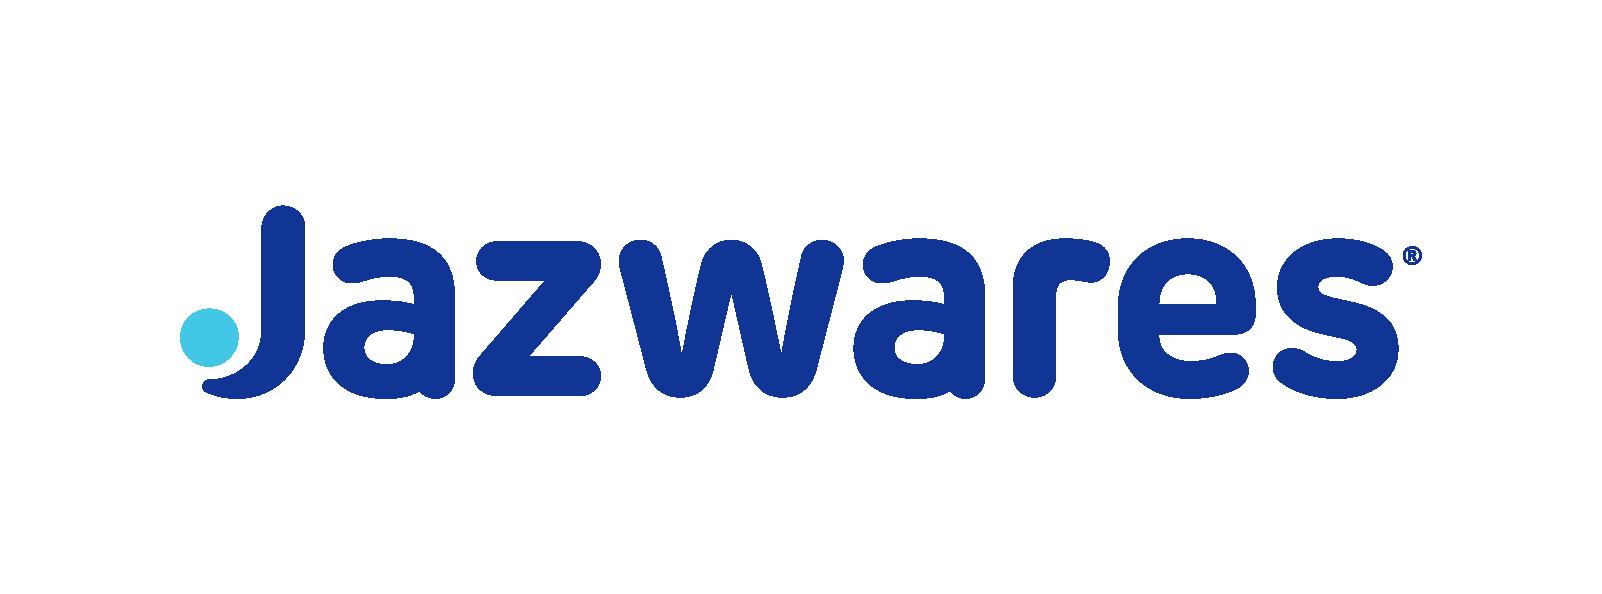 Jazwares, LLC.